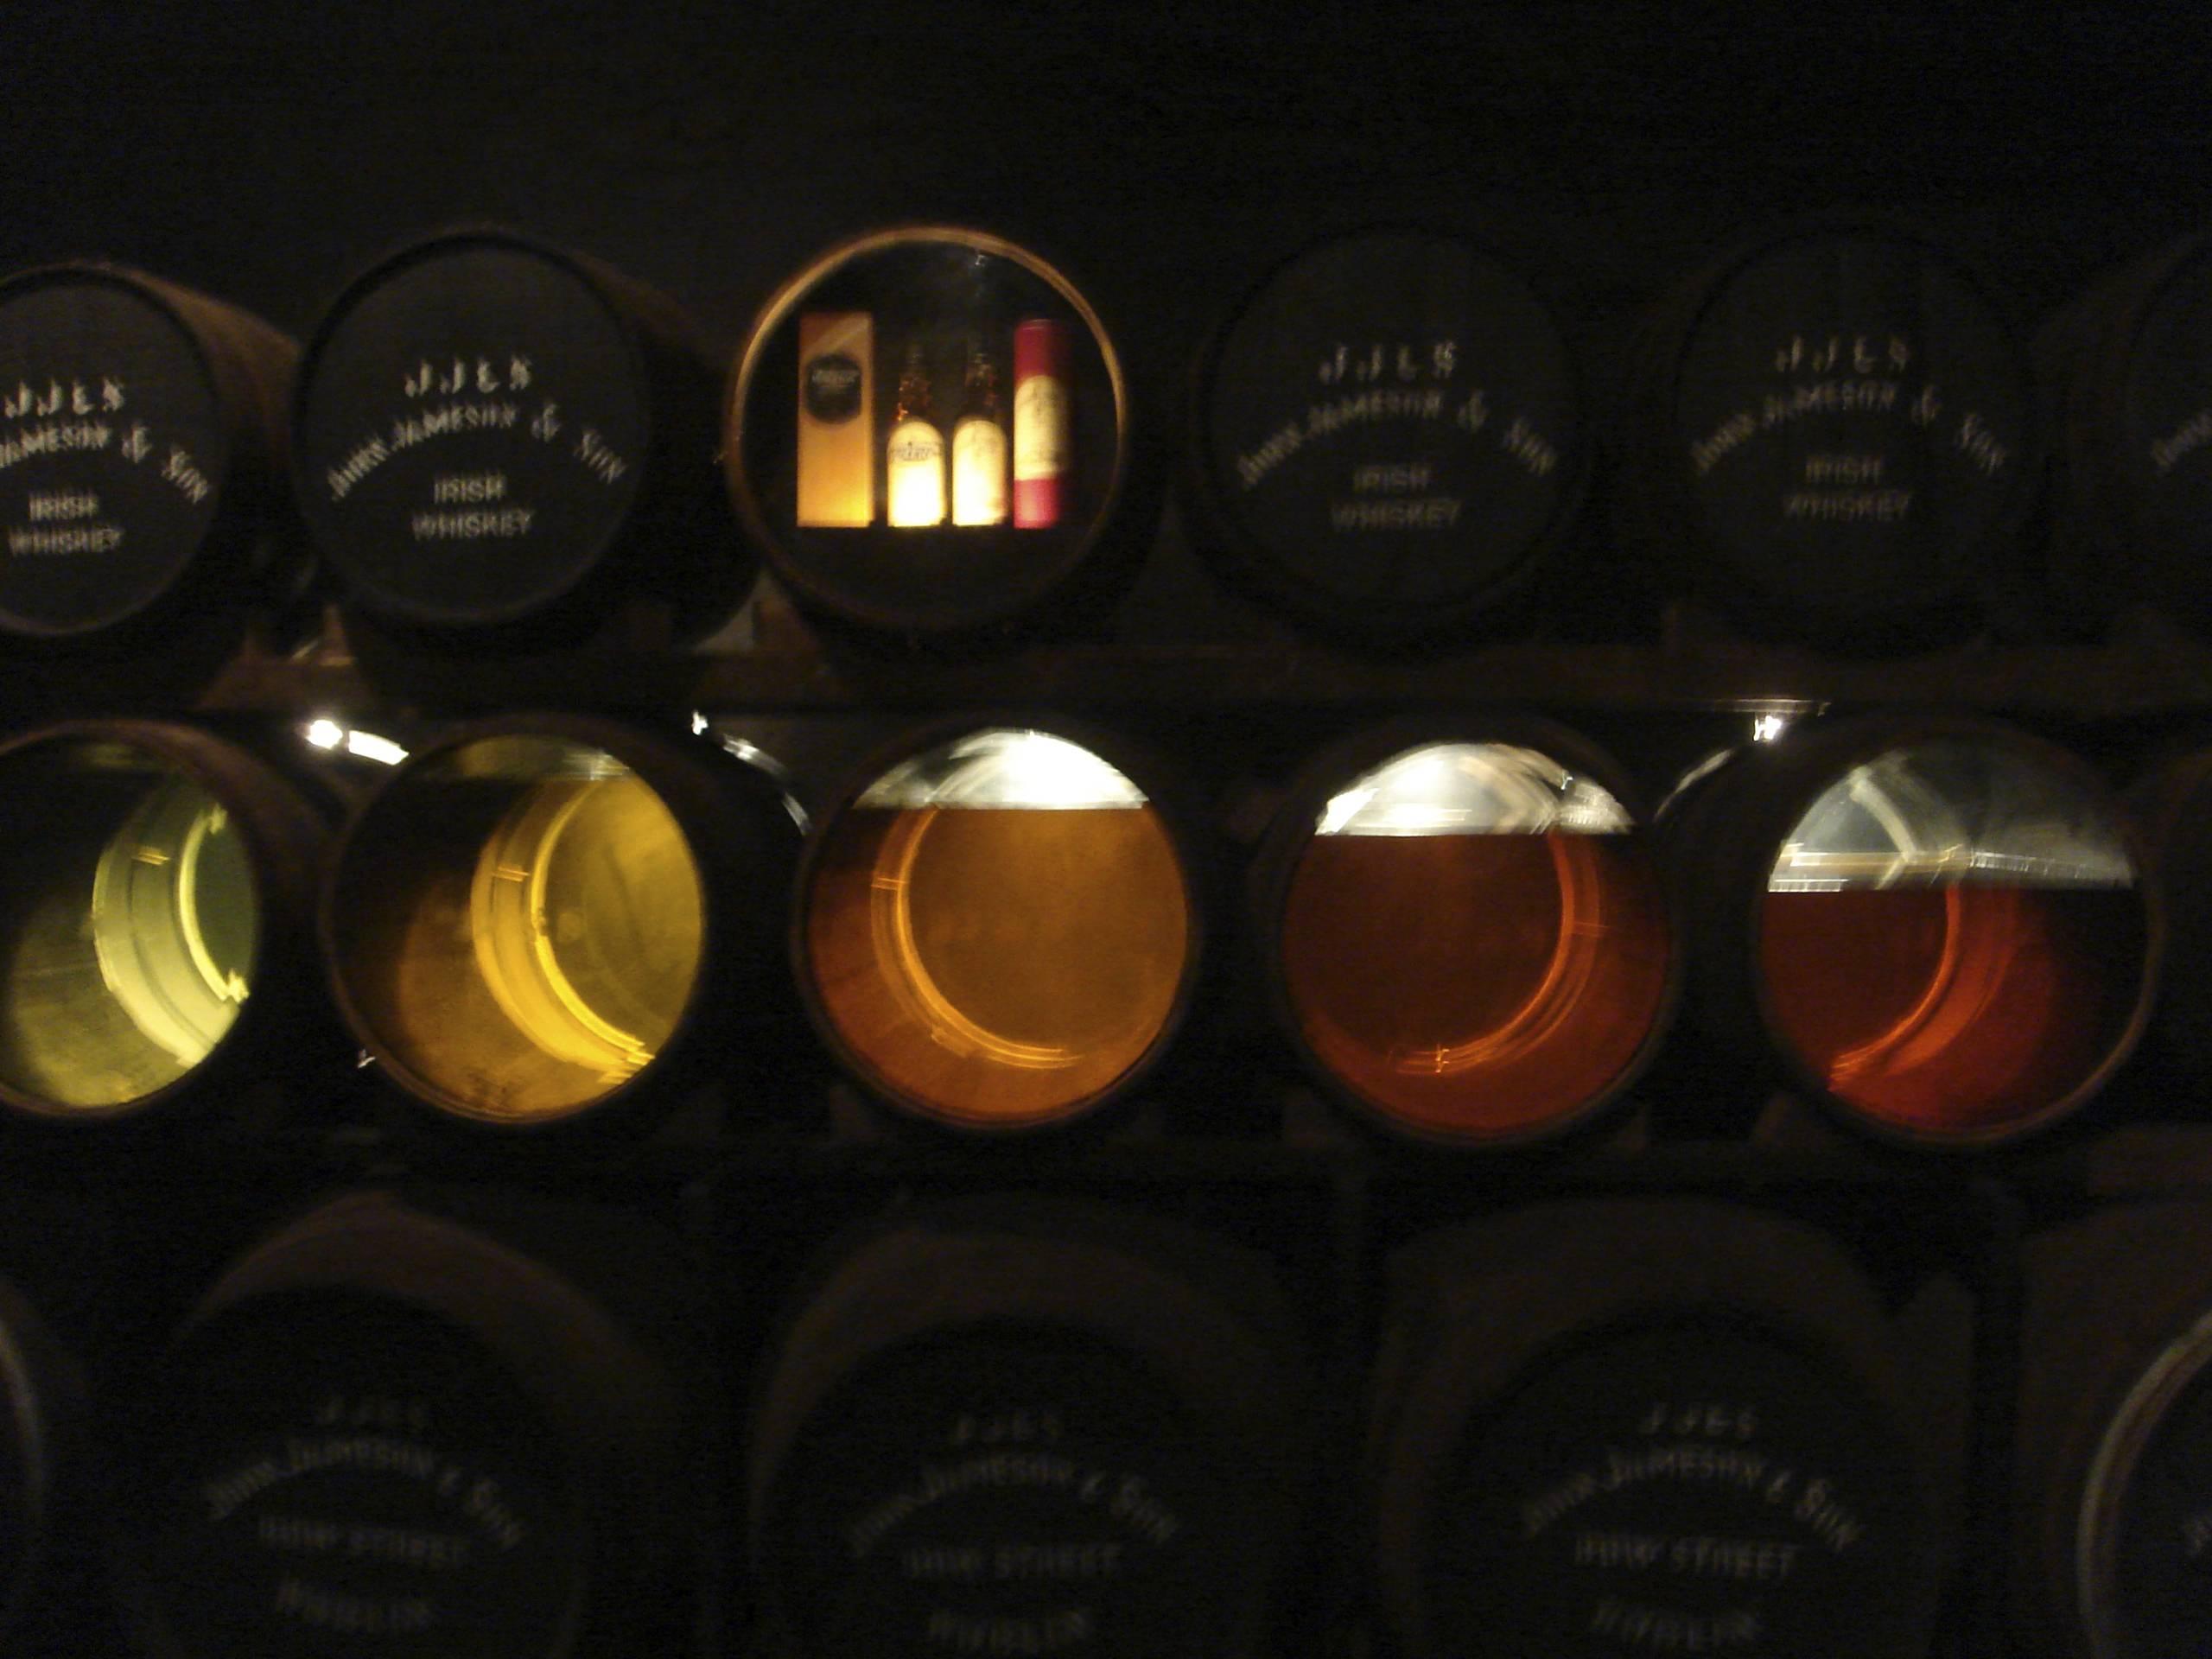 maturing casks